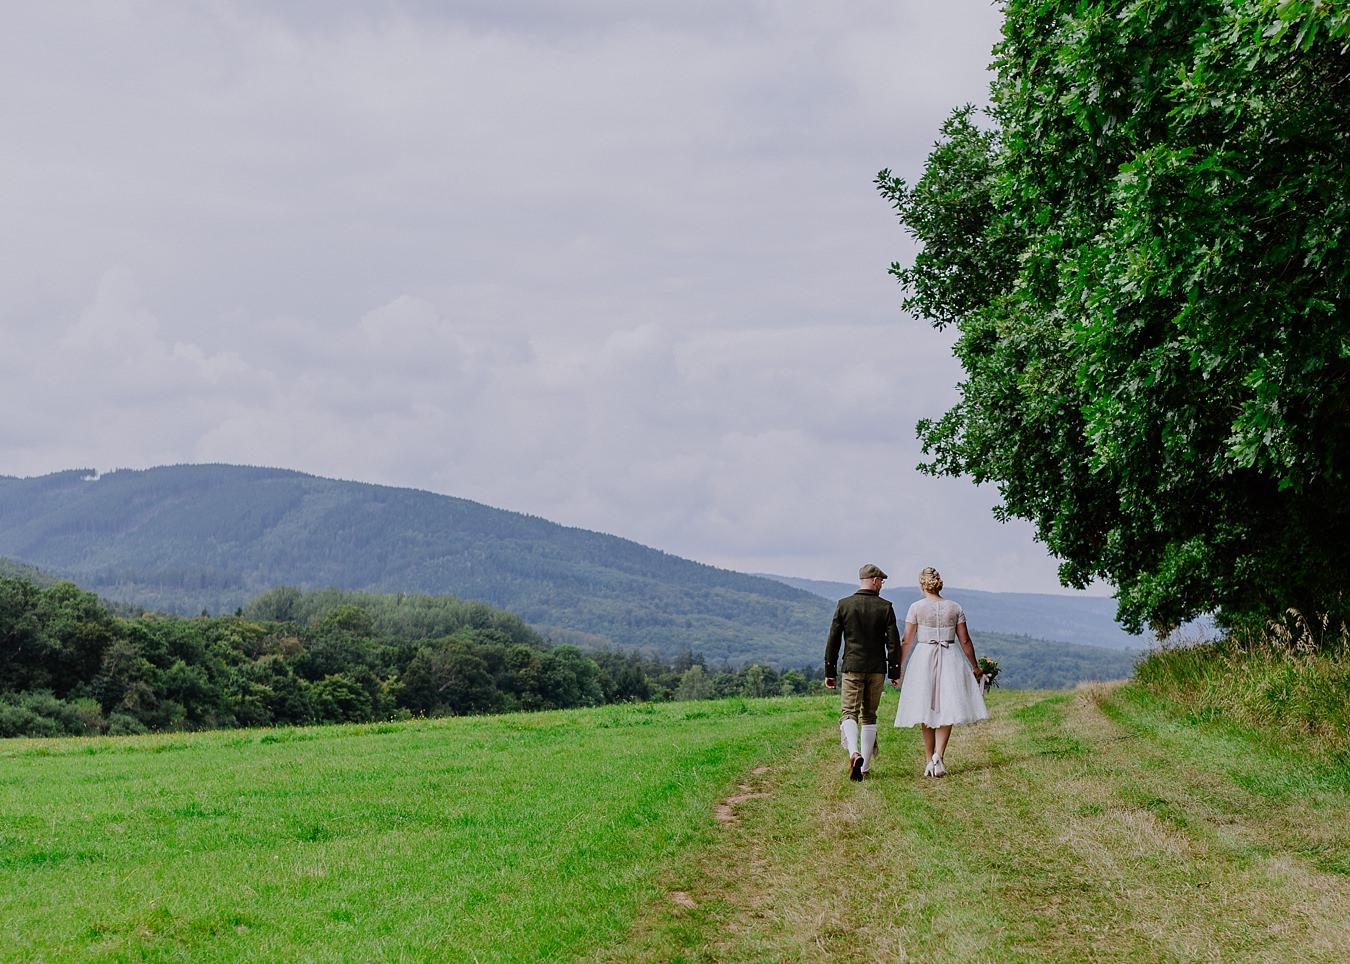 Brautpaar Hochzeit Wernigerode Landschaft